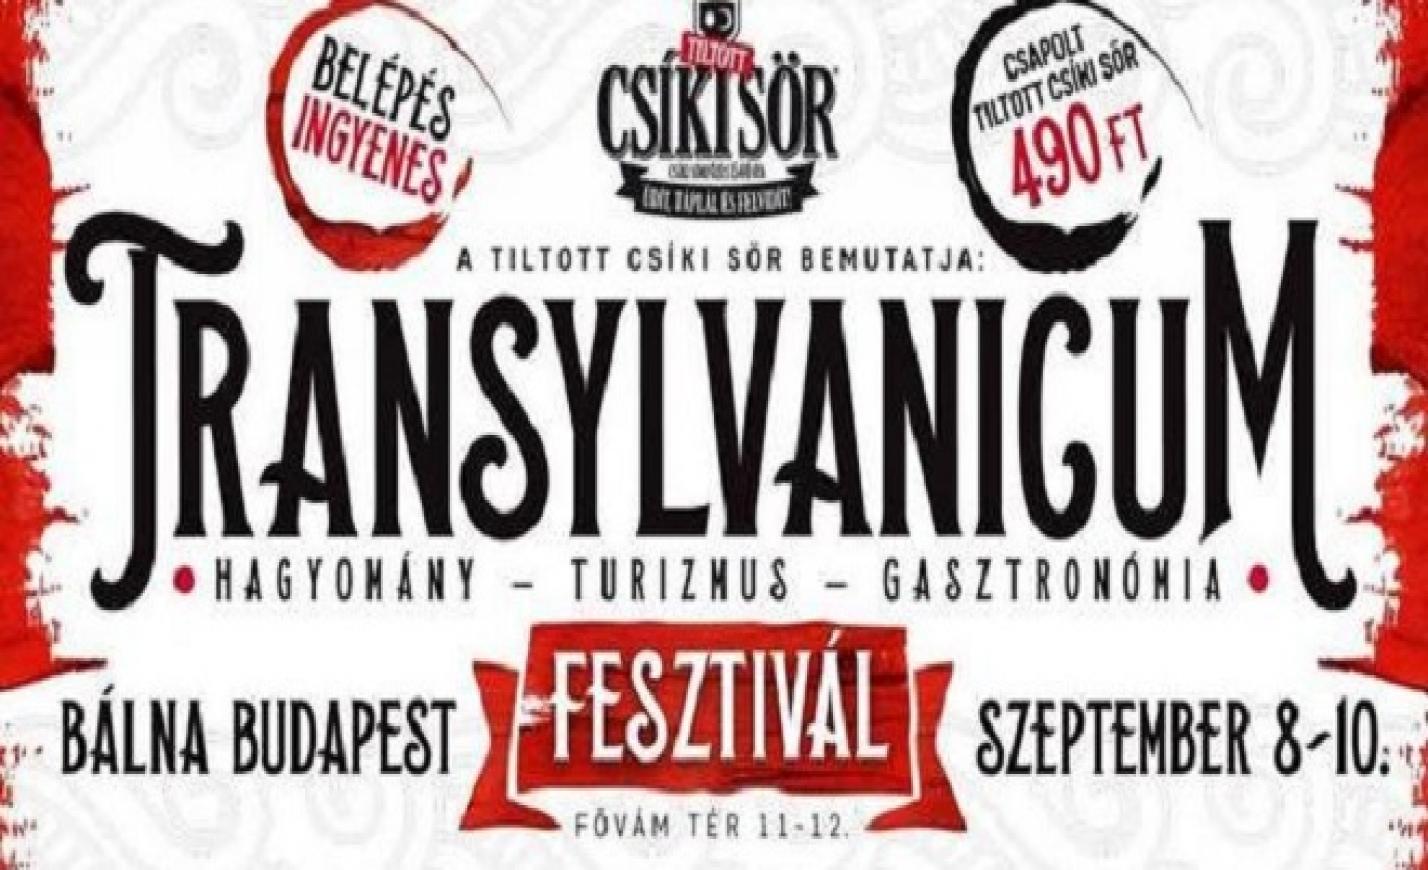 Erdély ízei és kultúrája mutatkozik be a Transylvanicum fesztiválon